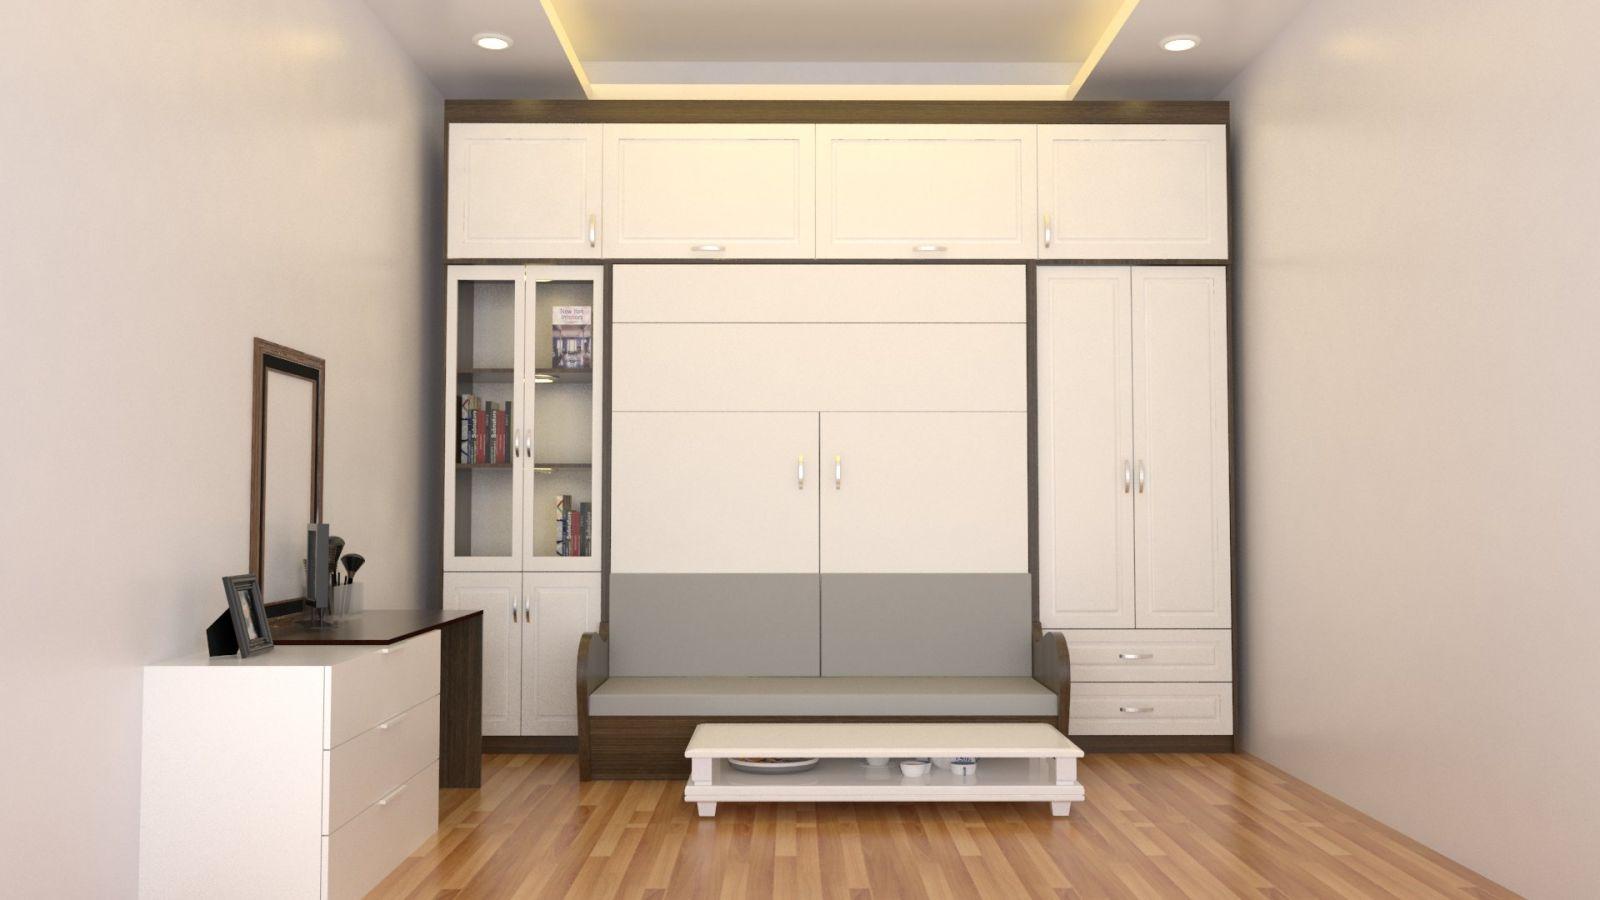 Giường tủ thông minh rất quan trọng cho không gian